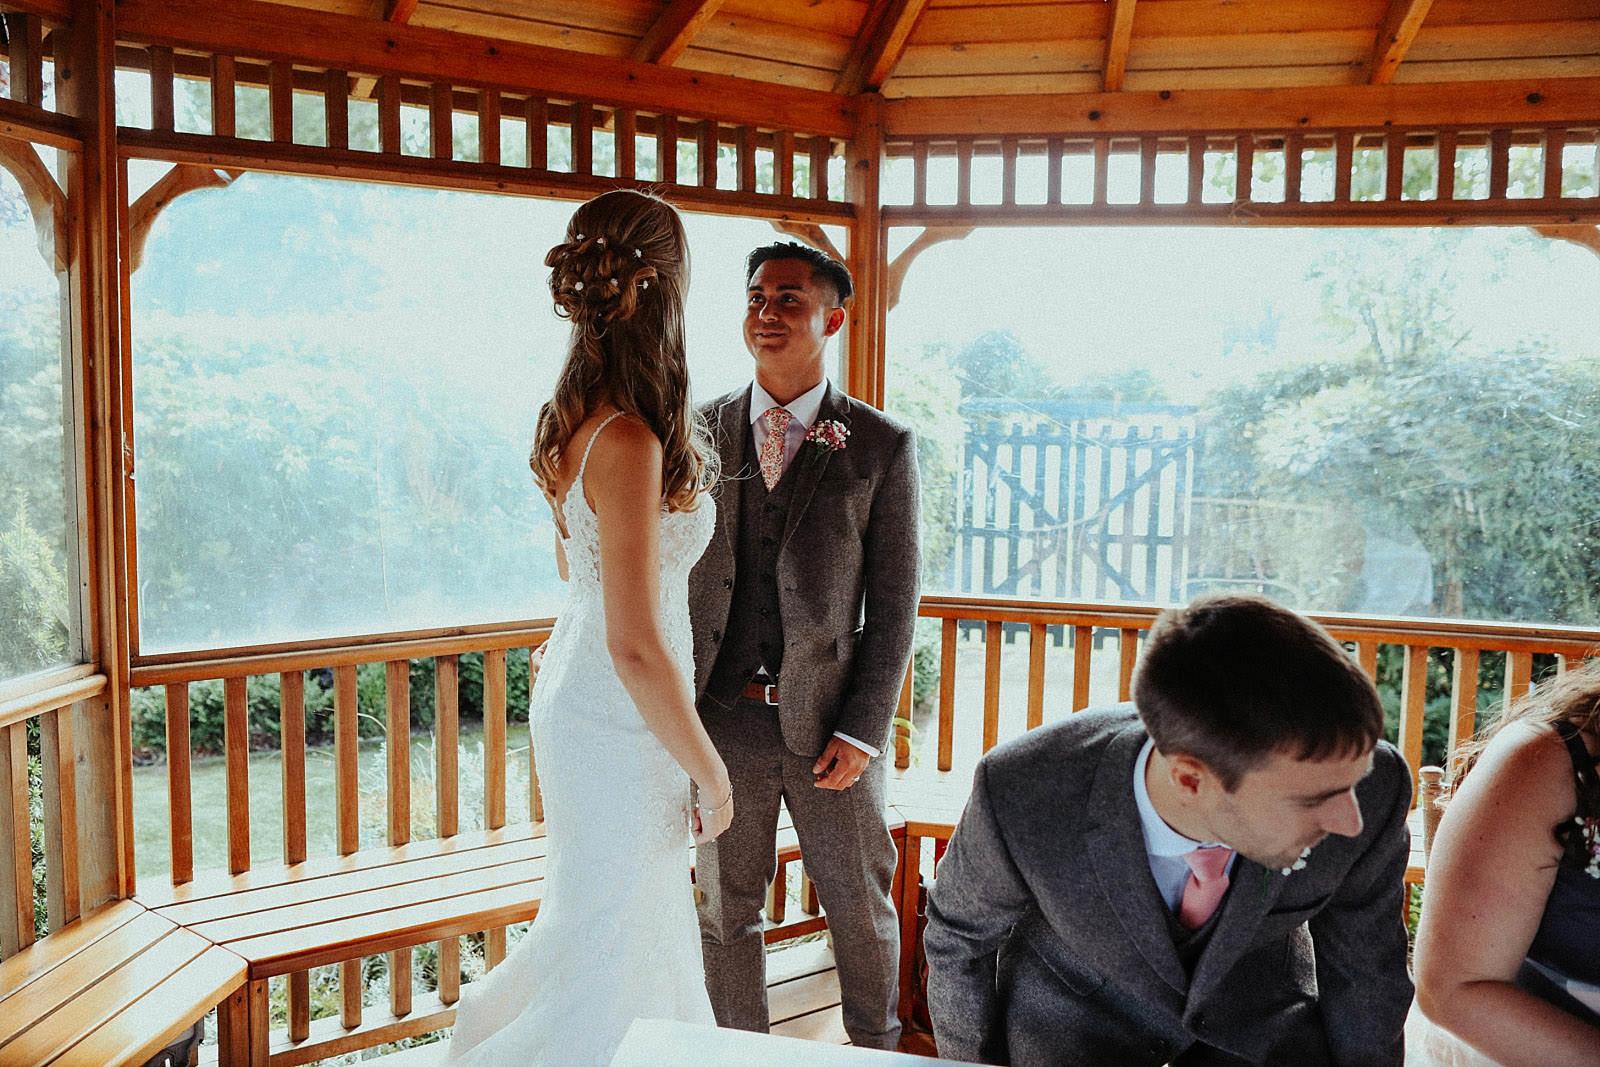 bride and groom stood together